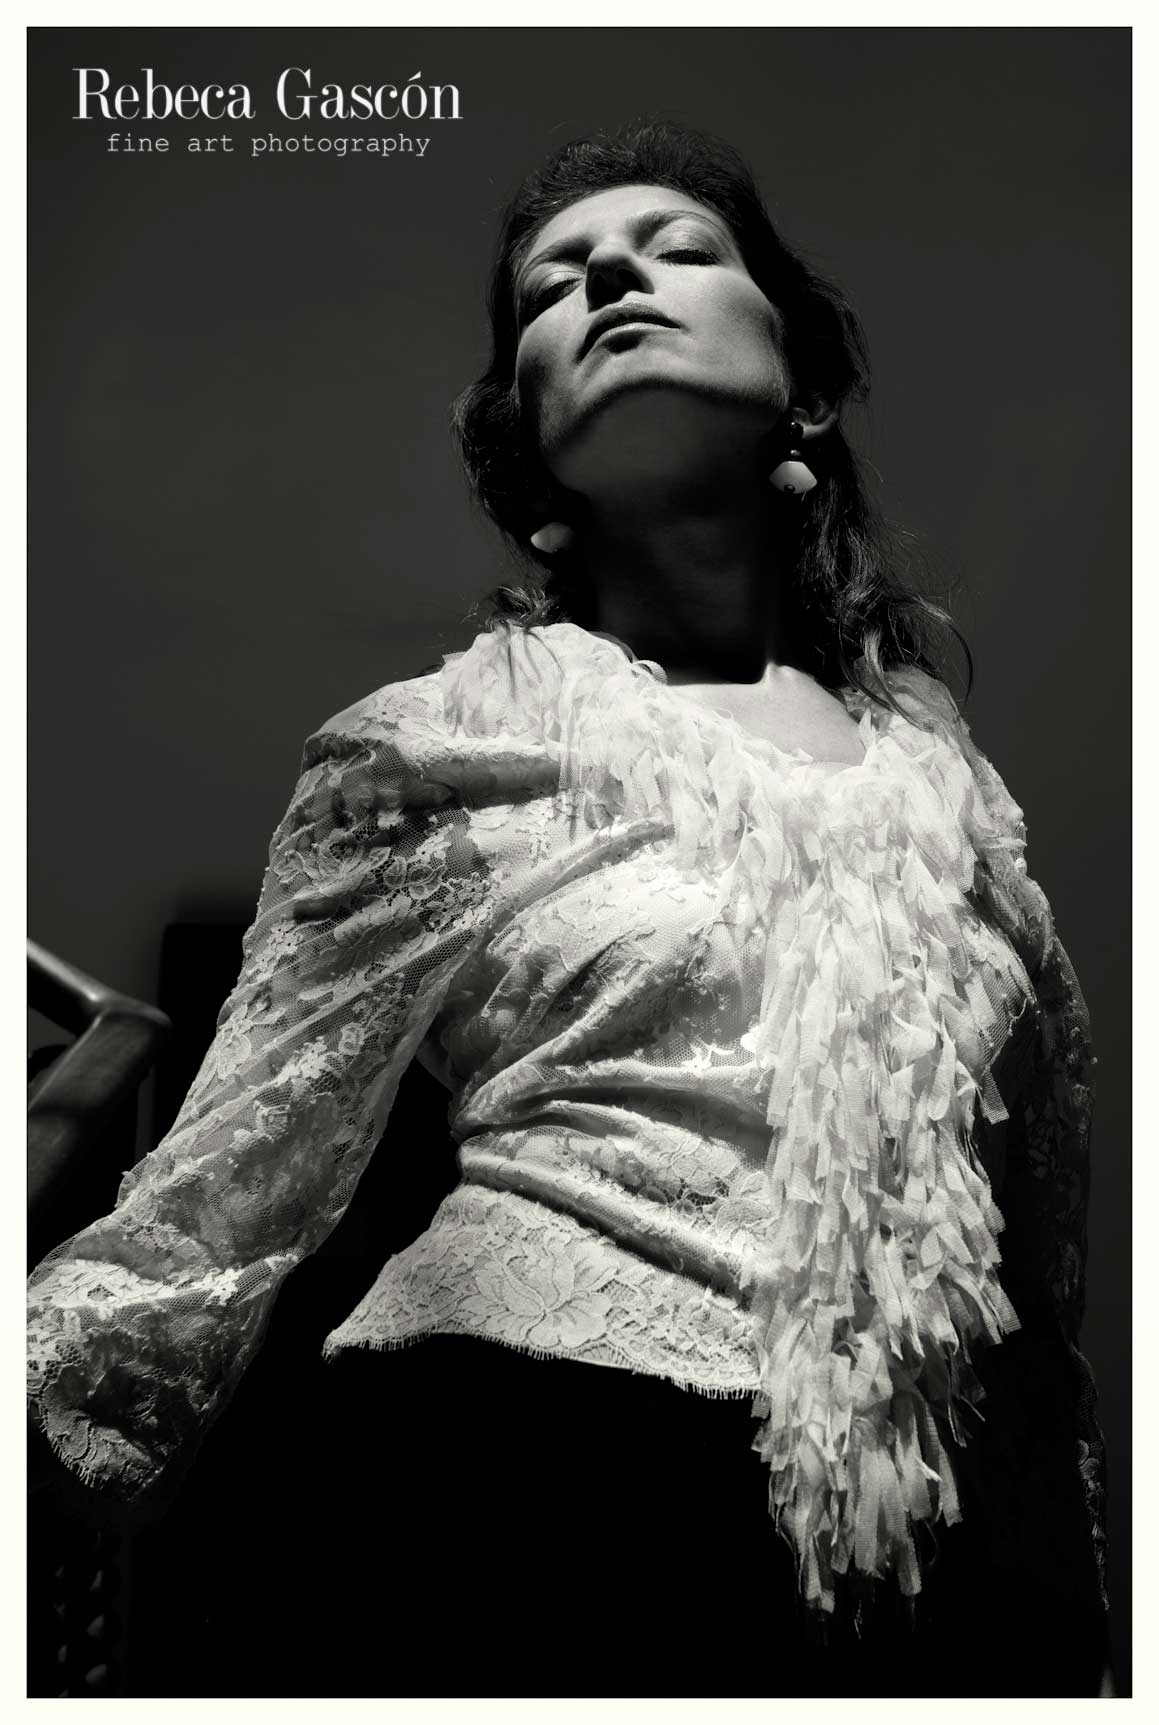 rebeca-gascon-fotografia-blanco-y-negro